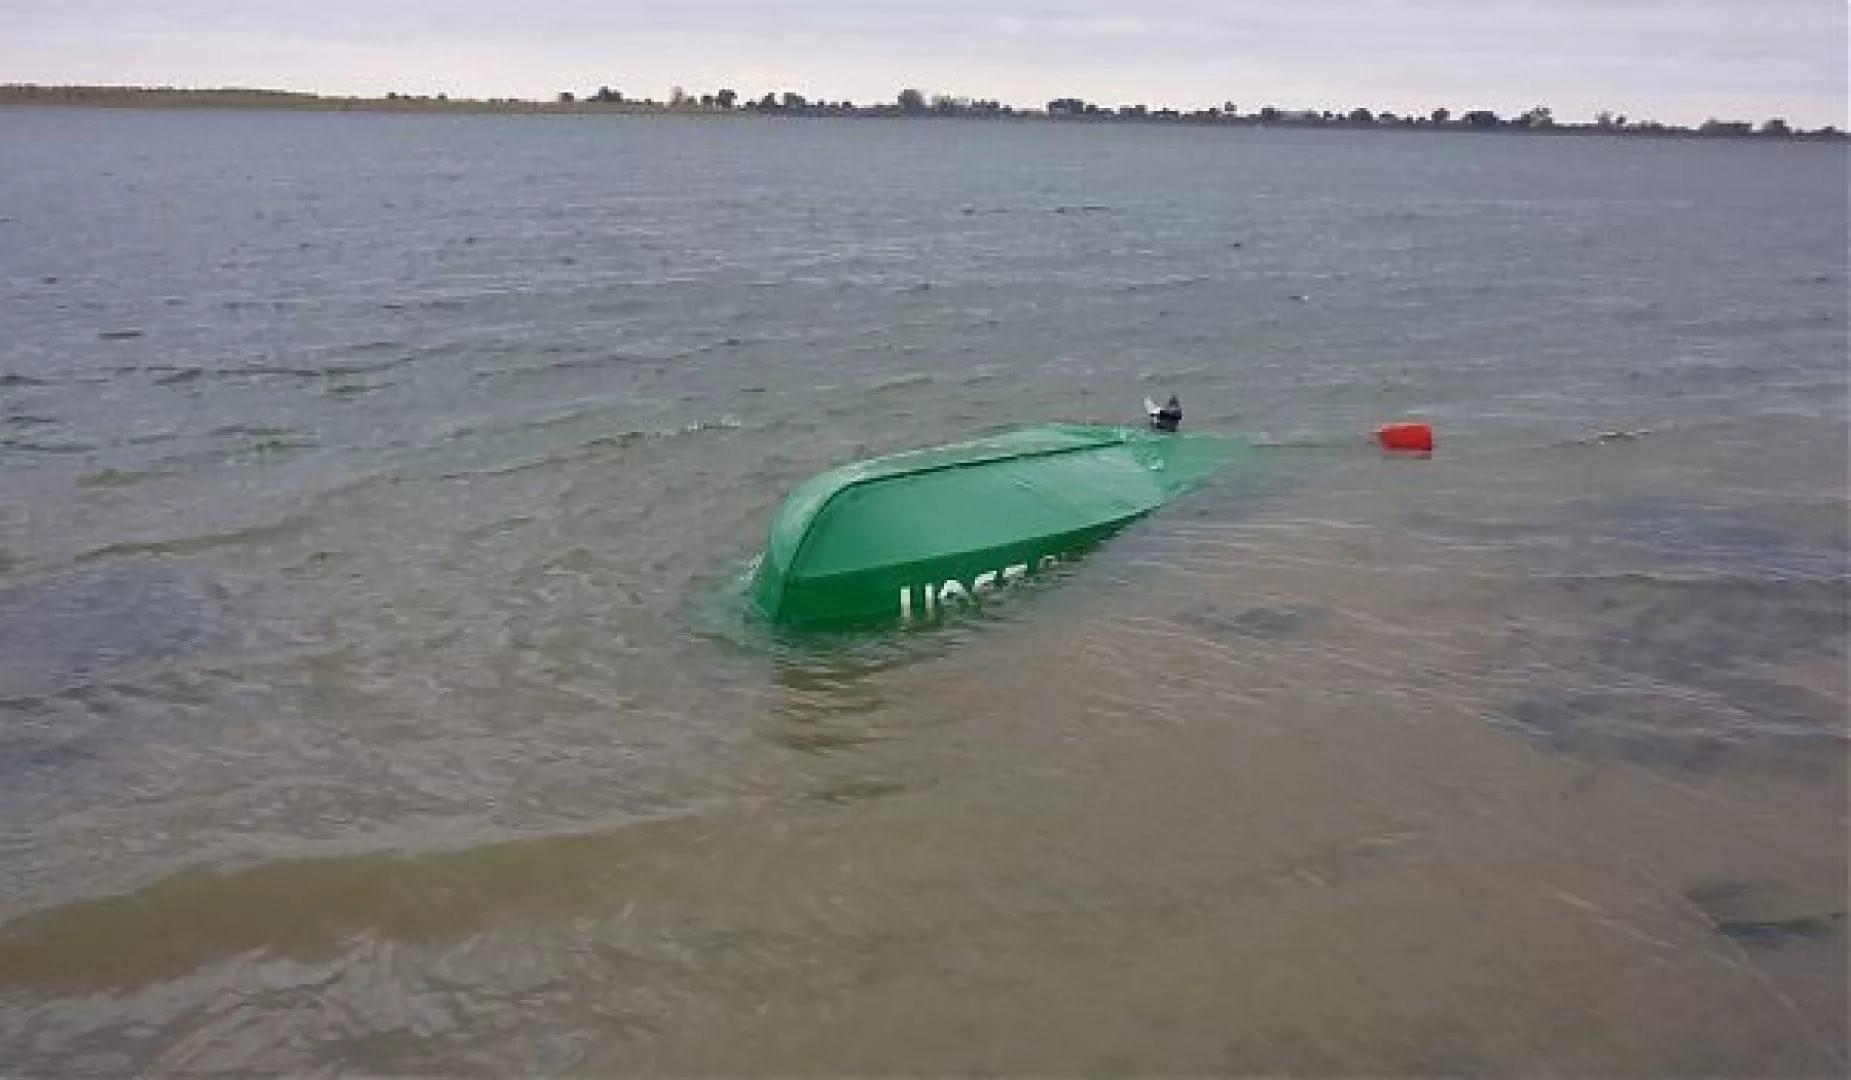 Изуральского озера извлечены тела 6 жертв крушения лодки